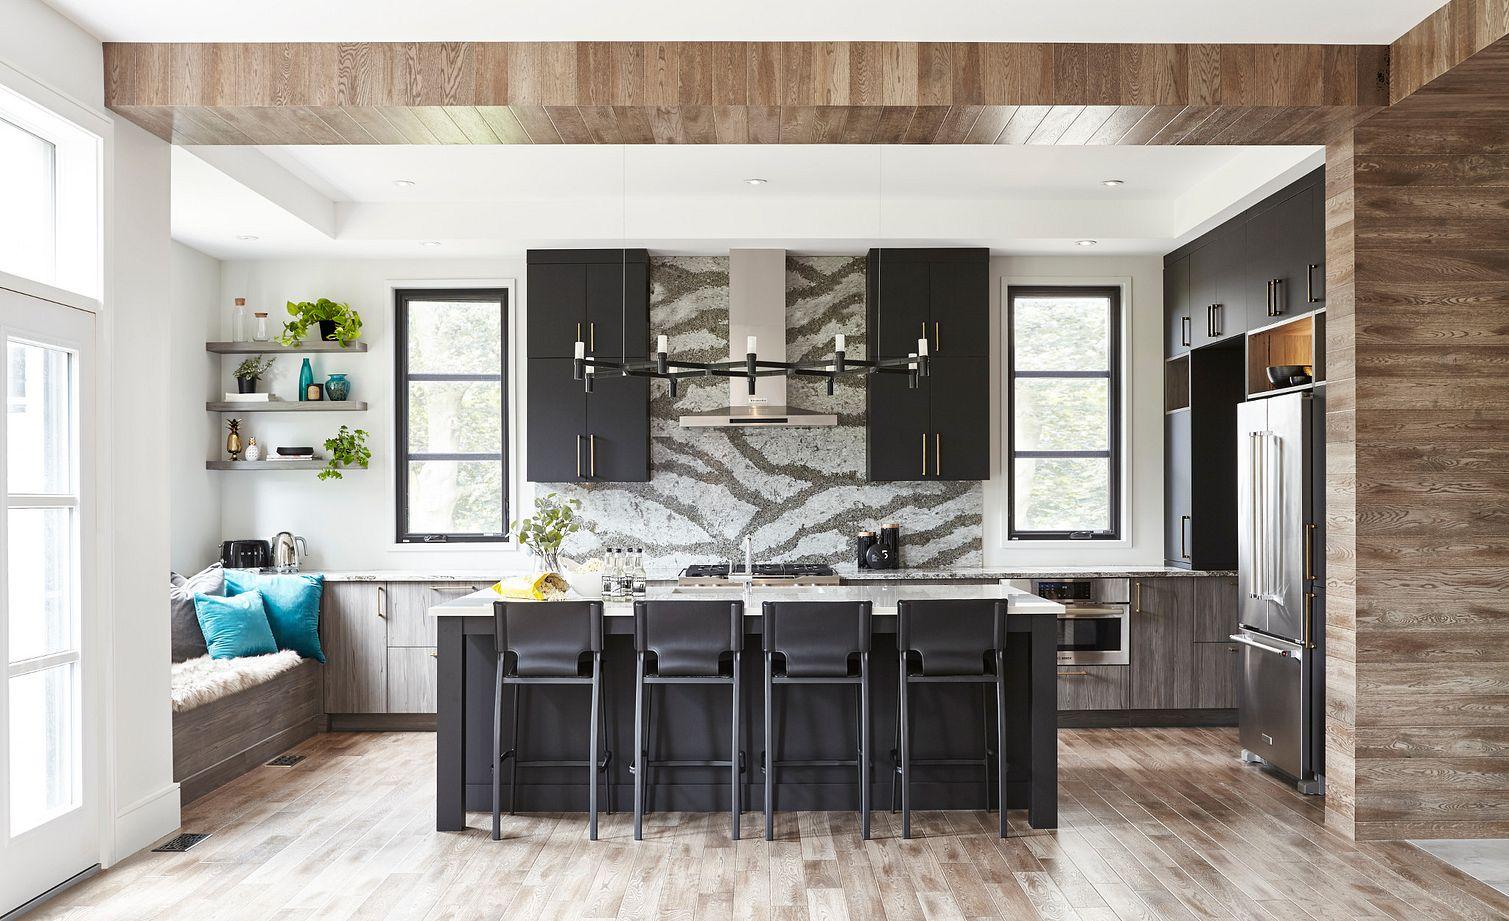 Bold kitchen design featuring Galloway™ backsplash.